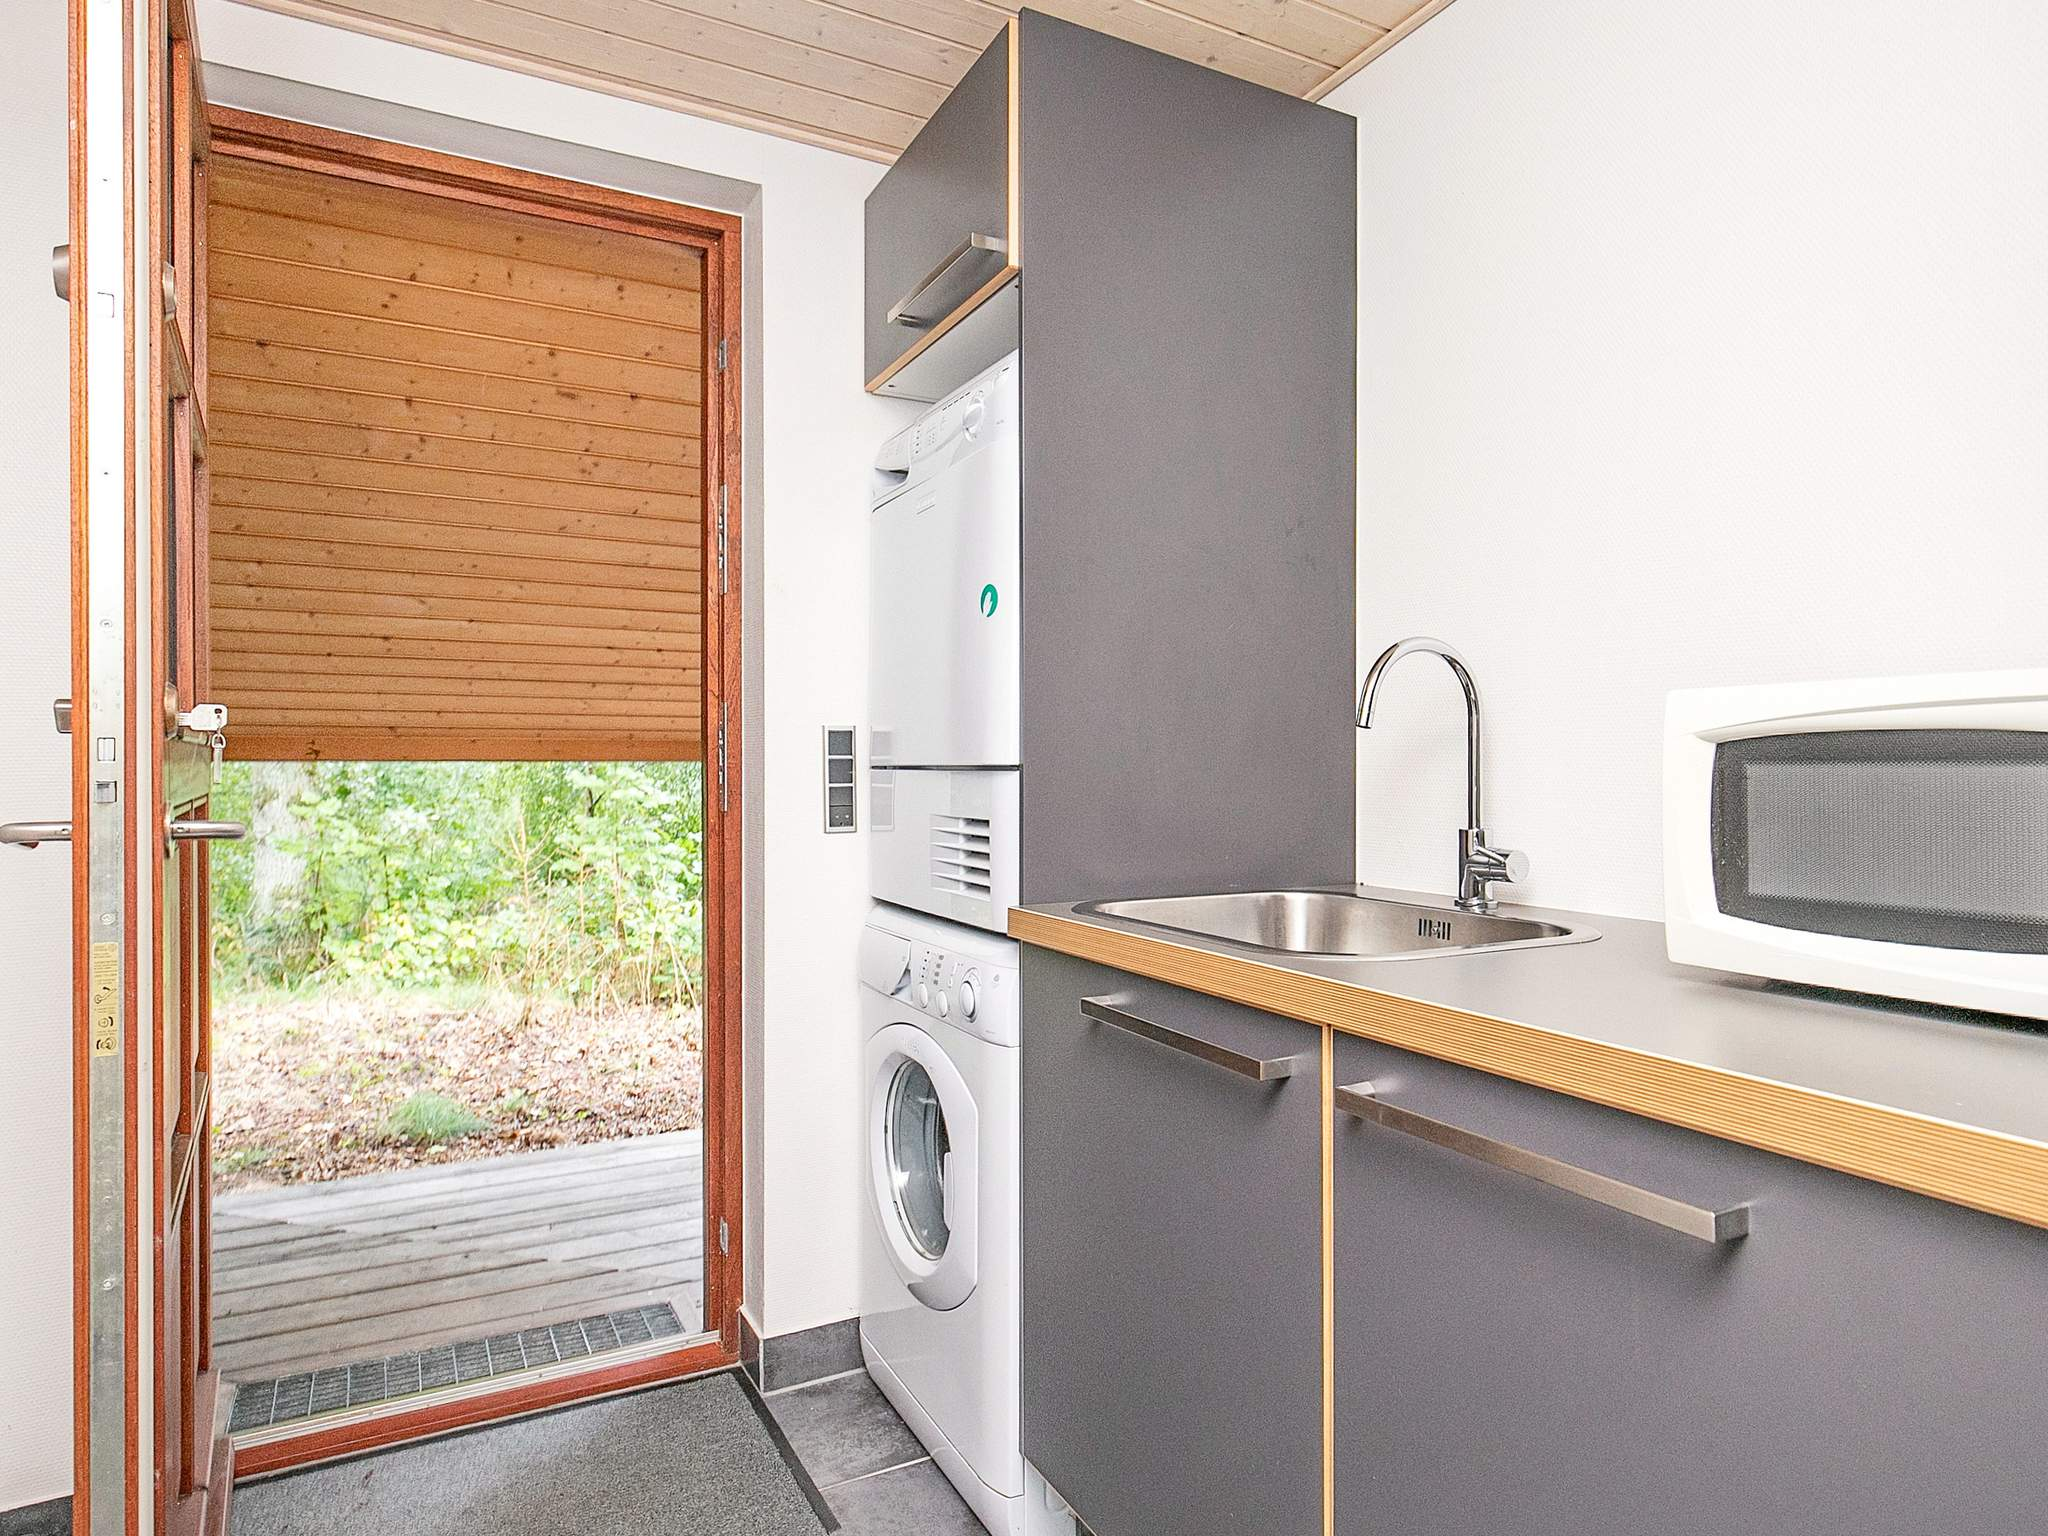 Ferienhaus Lynderup (259940), Lynderup, , Ostjütland, Dänemark, Bild 9